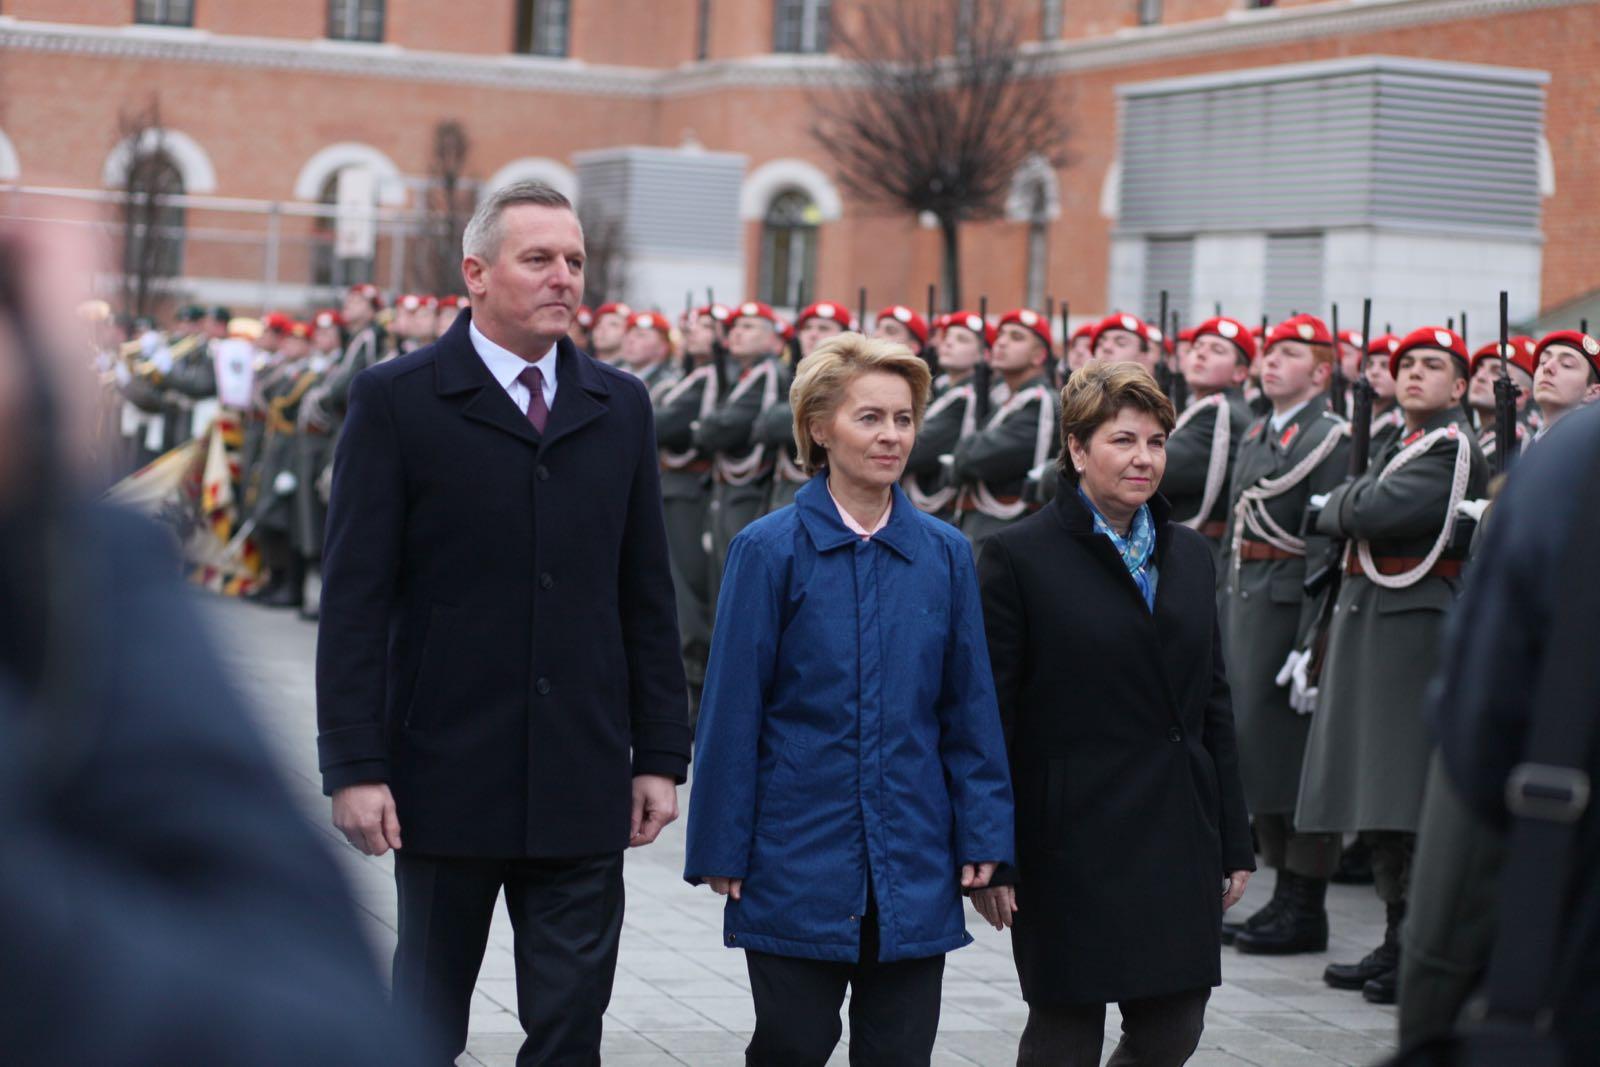 2019_01_18_1Gardekompanie_Treffen_Verteidigungsminister_DE_CHE_AUT_Rosau - 22 of 39